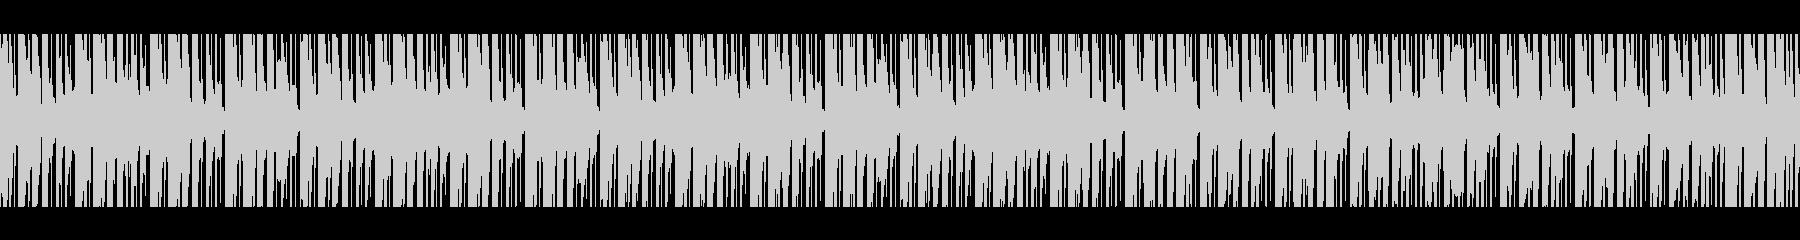 レトロ&コミカル ゆるダサなシンセポップの未再生の波形